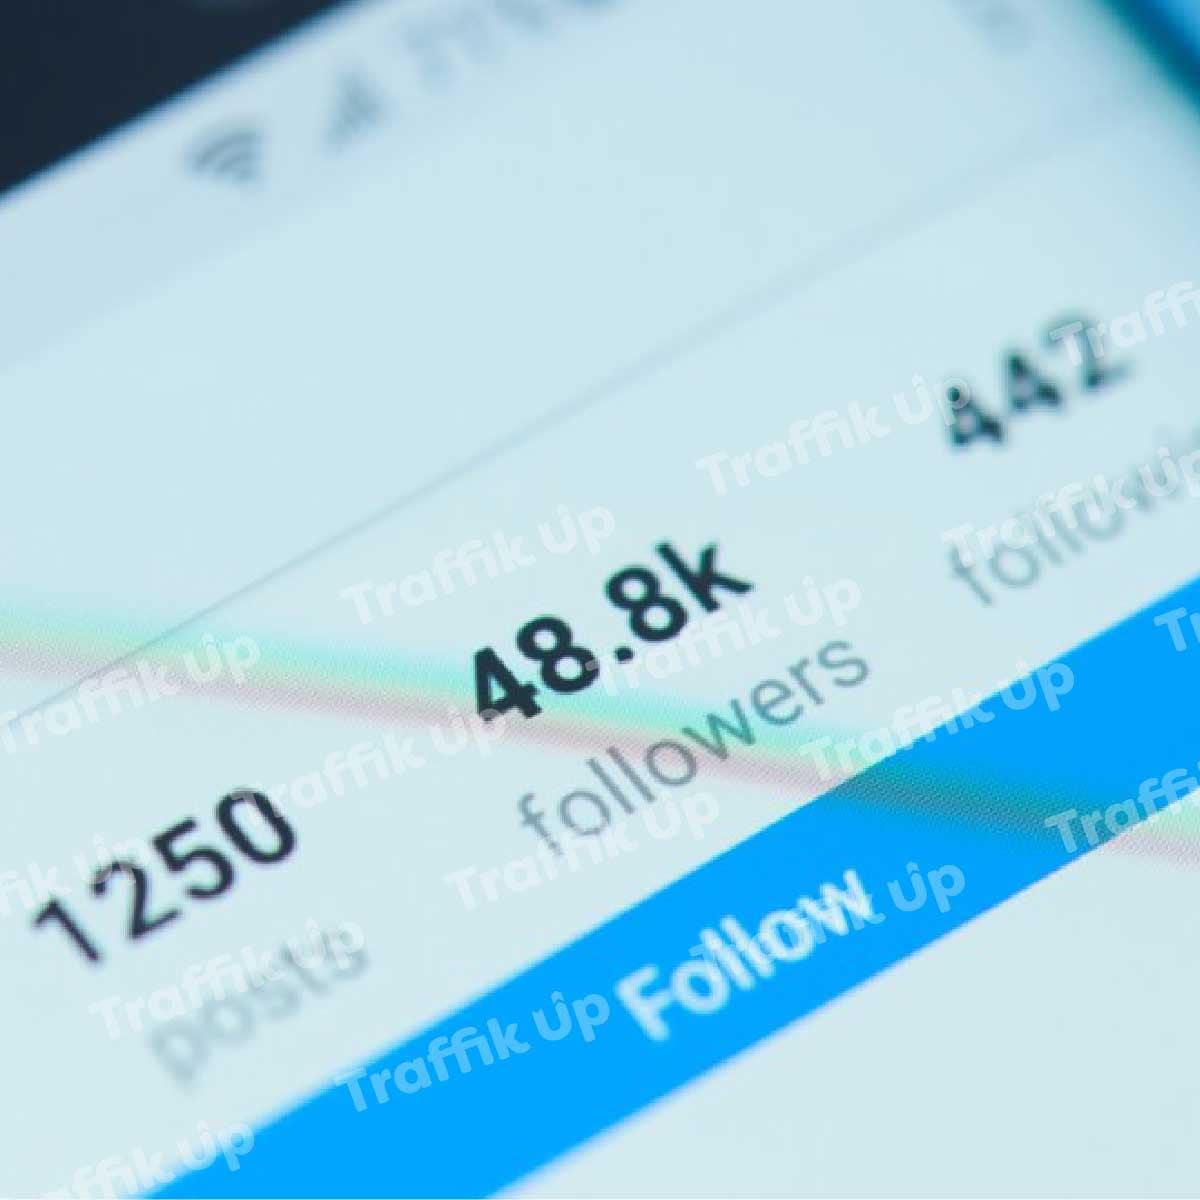 Disattivare account Instagram da cellulare , ti do 4 informazioni